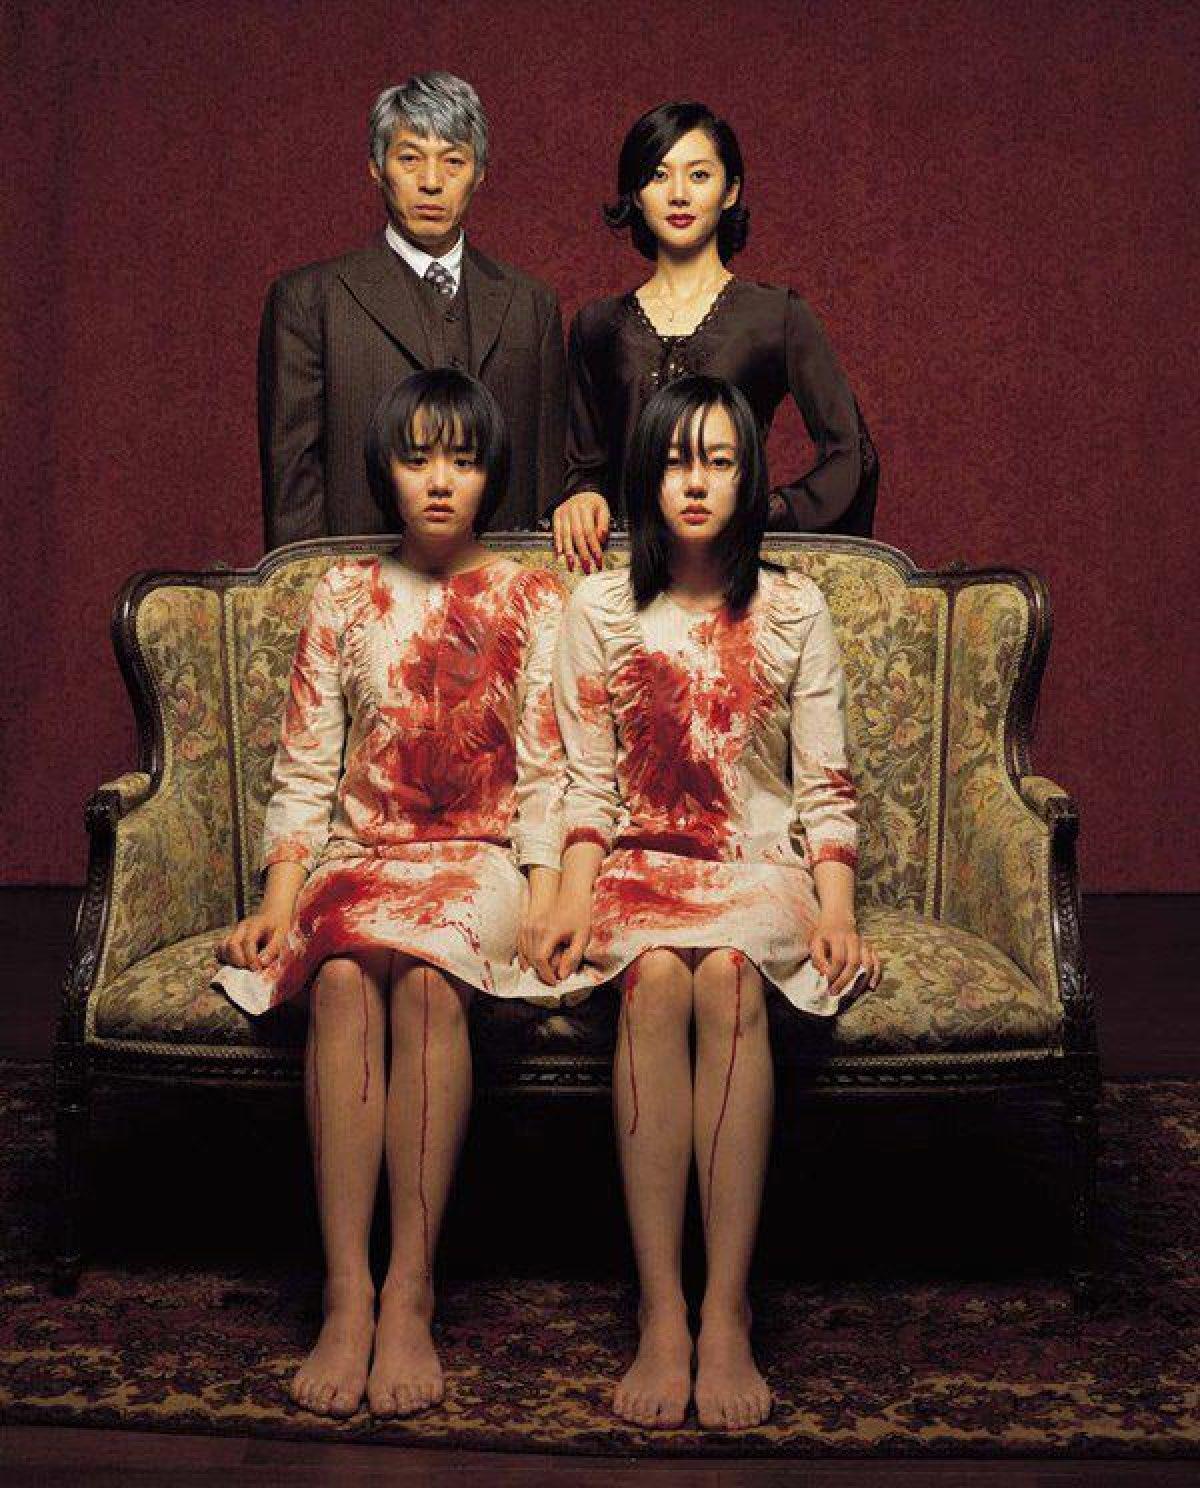 Review phim A Tale Of Two Sisters - Câu chuyện hai chị em (2003) - Ragus